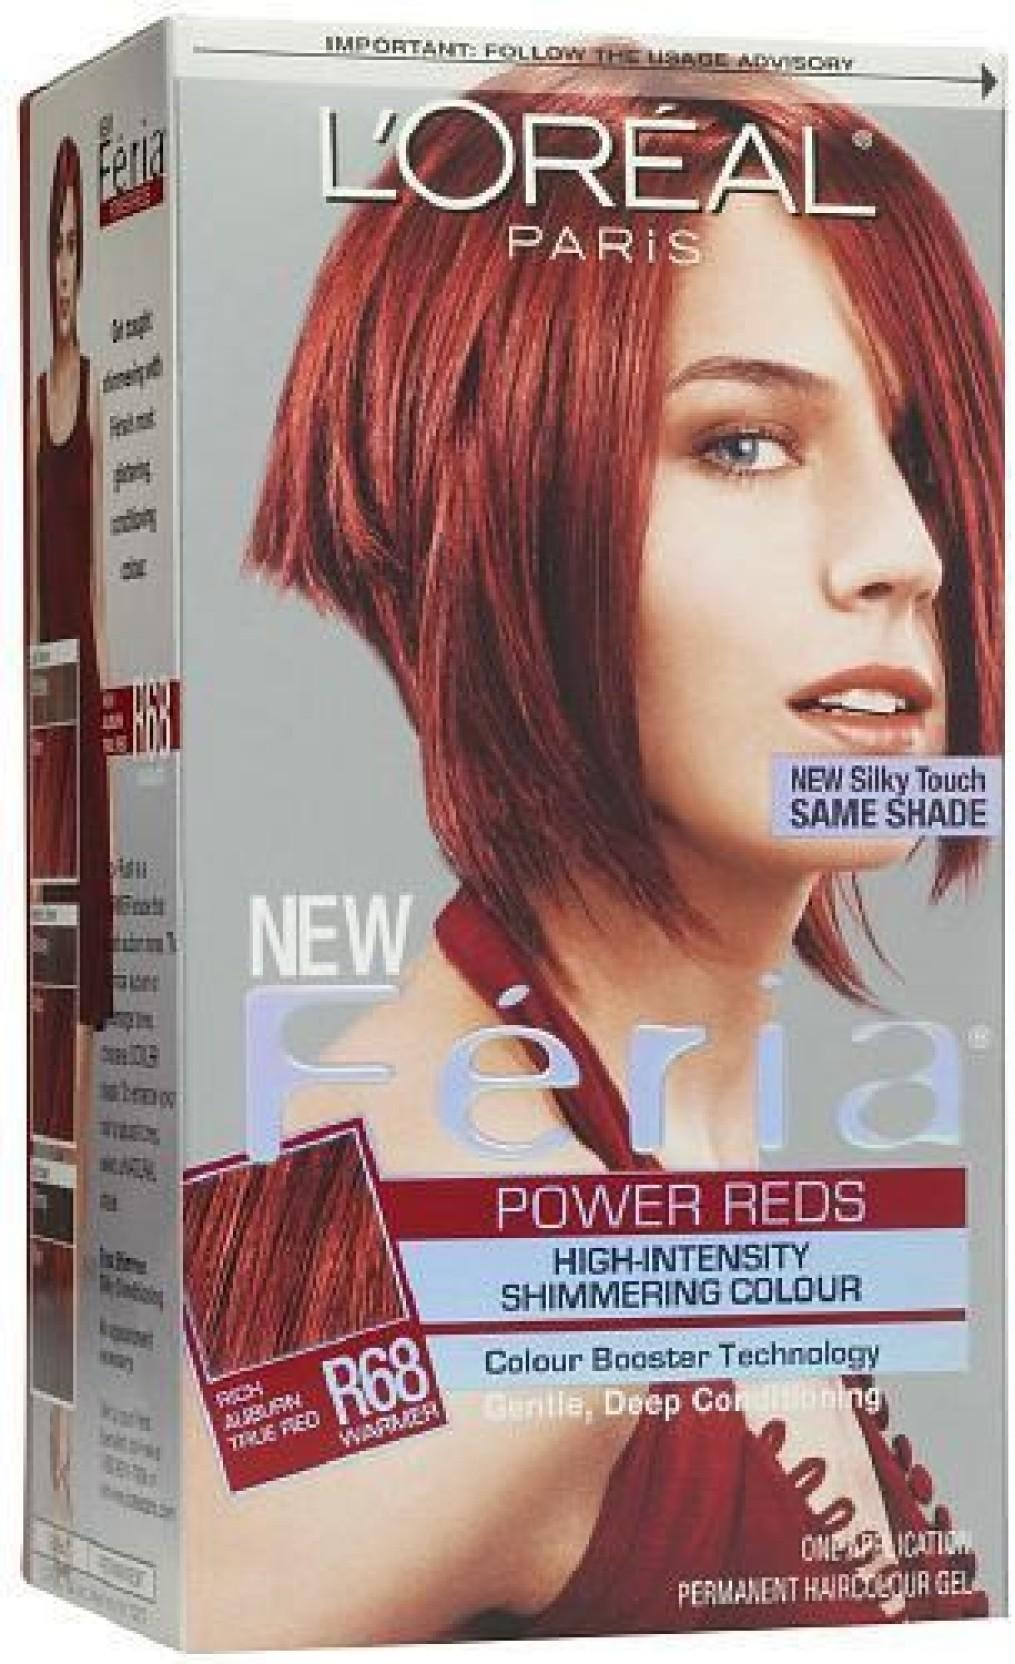 Loreal Paris Paris Feria Power Reds Hair Color Price In India